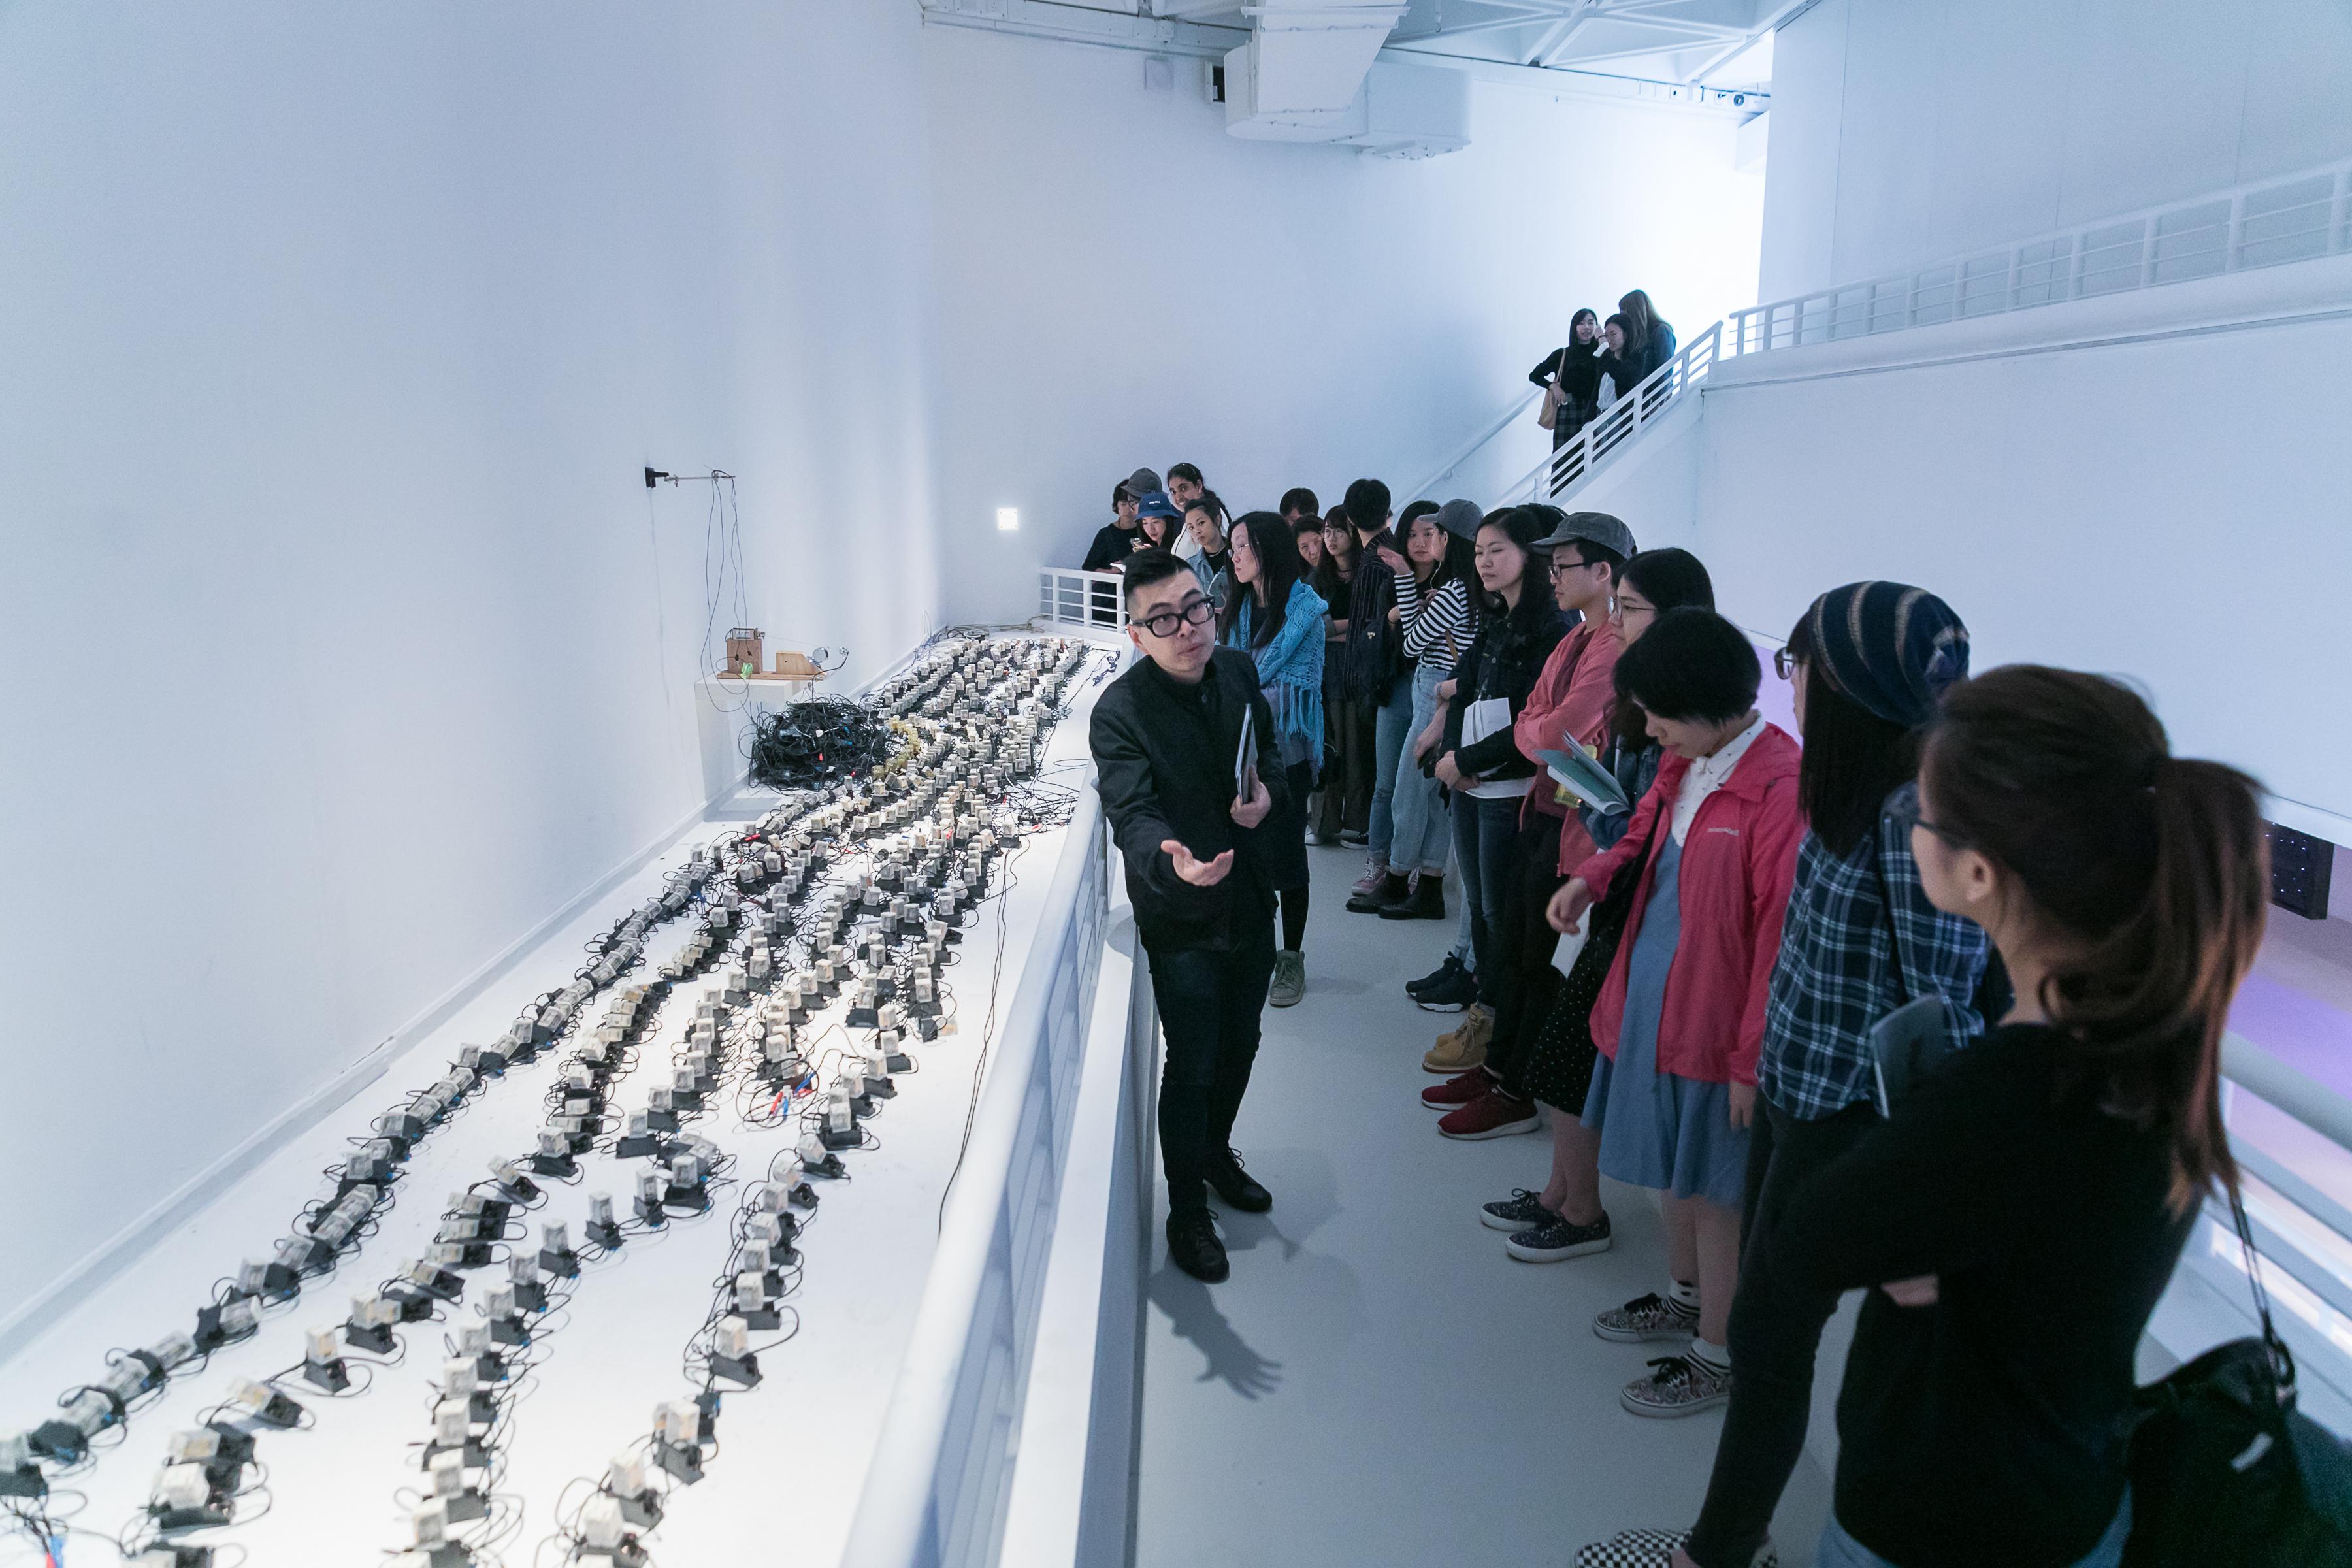 策展人葉旭耀介紹王鎮海 (香港)作品《勤力電路 #1.3》